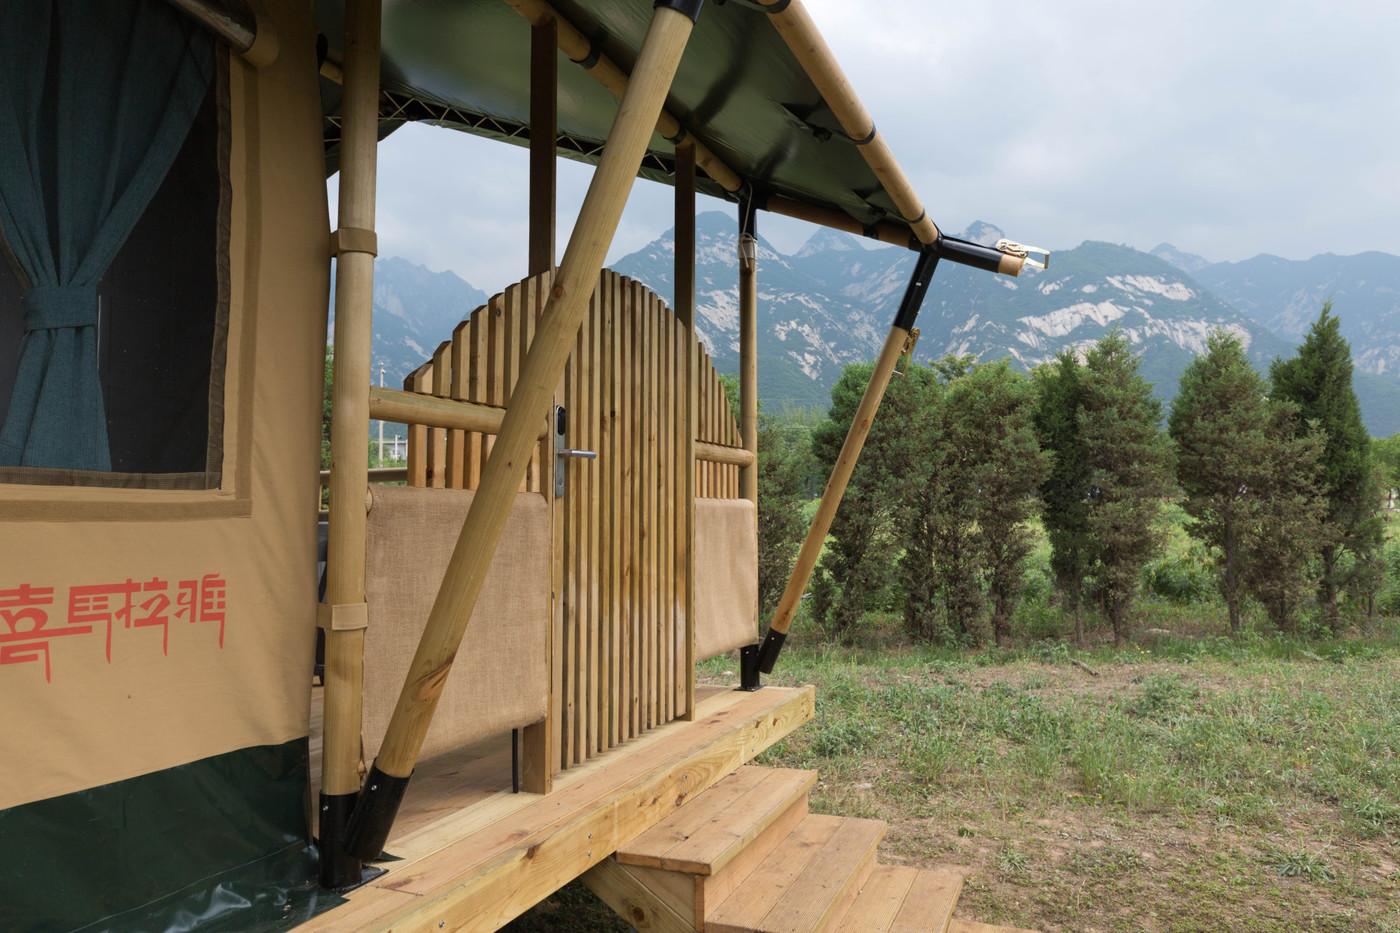 喜马拉雅野奢帐篷酒店—华山自驾游露营地(78平)9